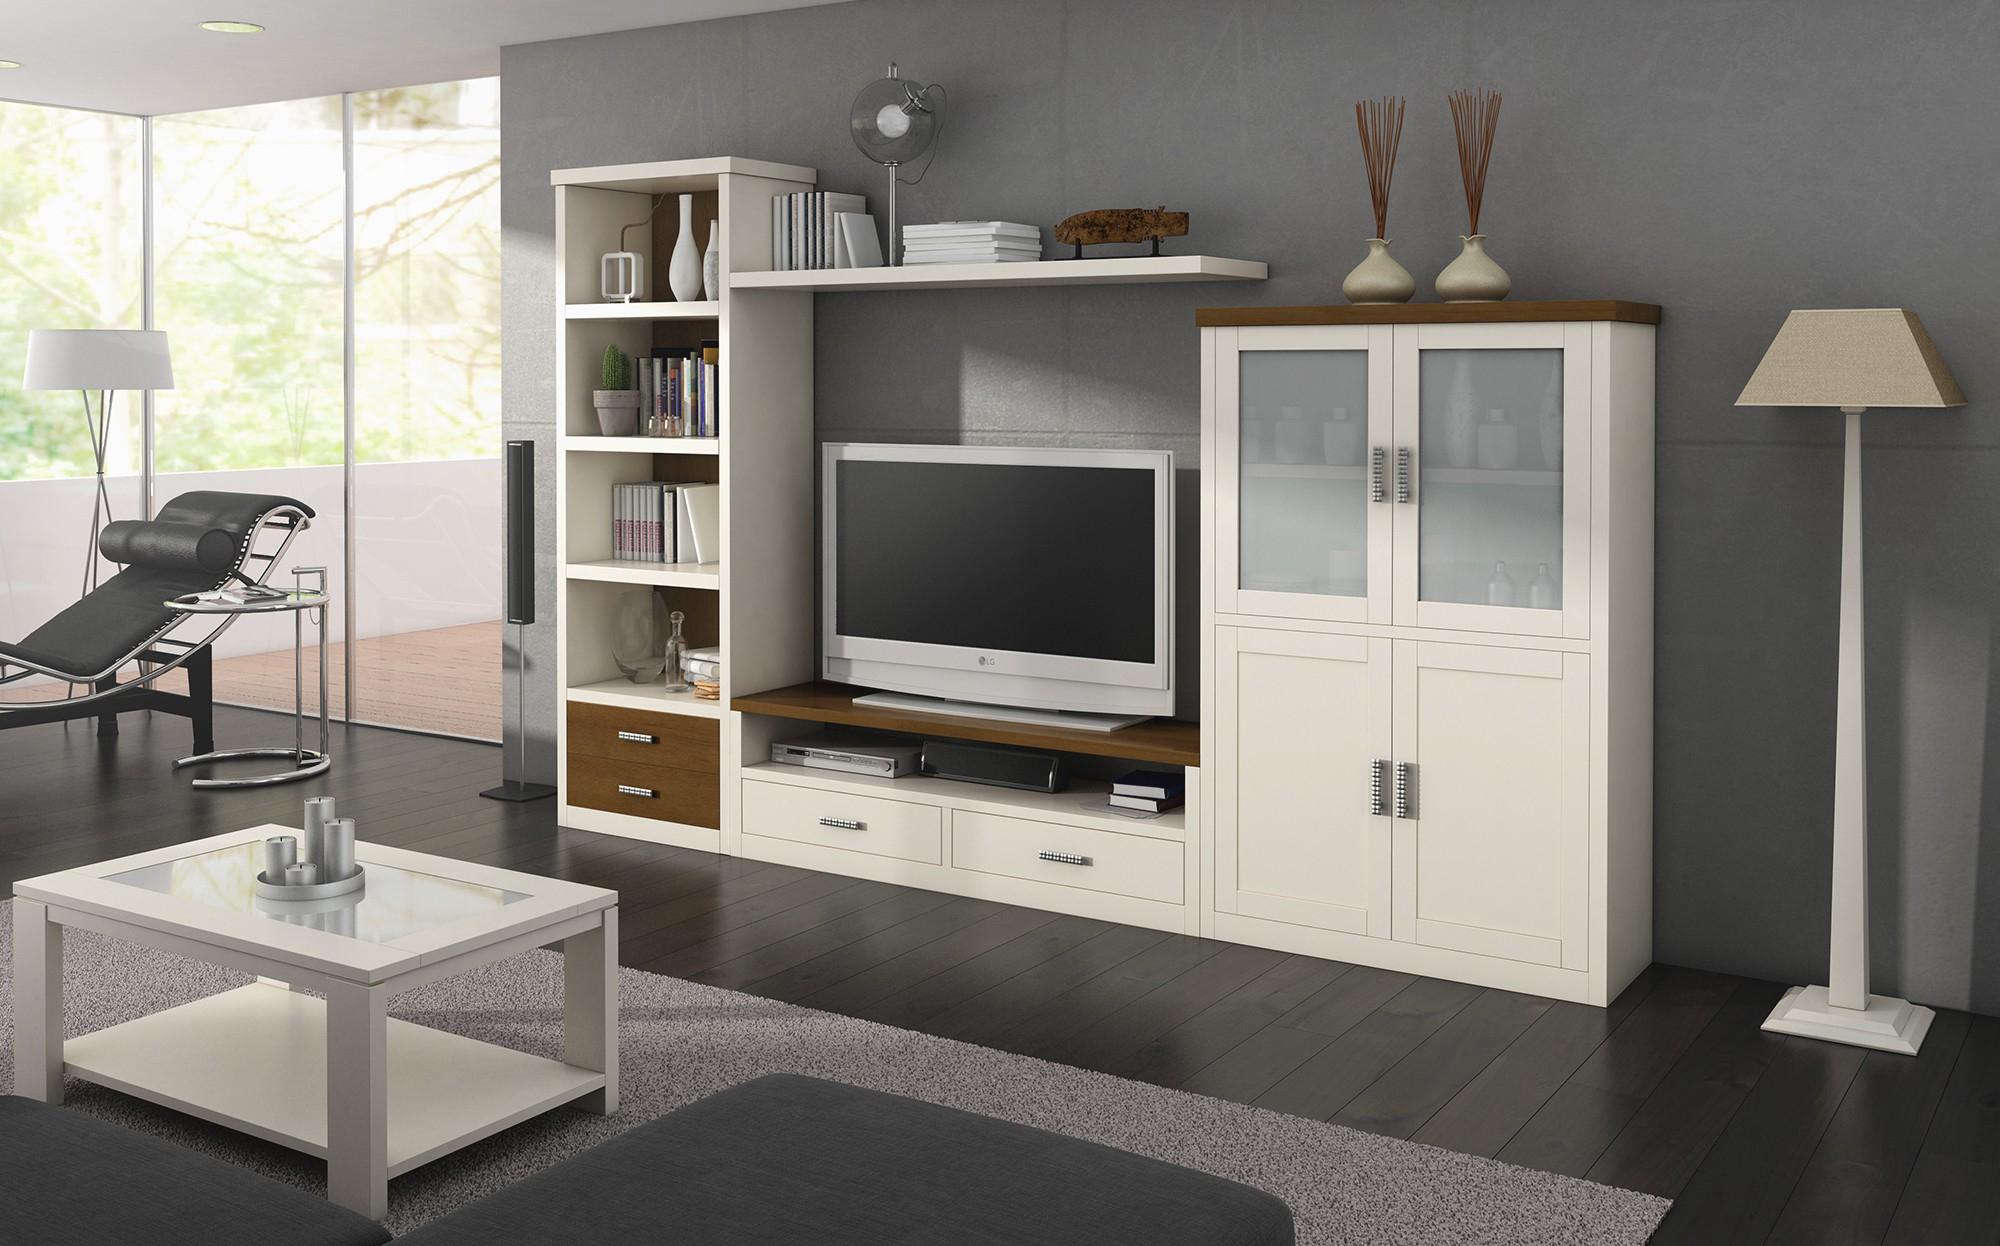 Muebles Salon Blanco Y Madera Dddy Mobiliario Para Salà N En Madera Maciza